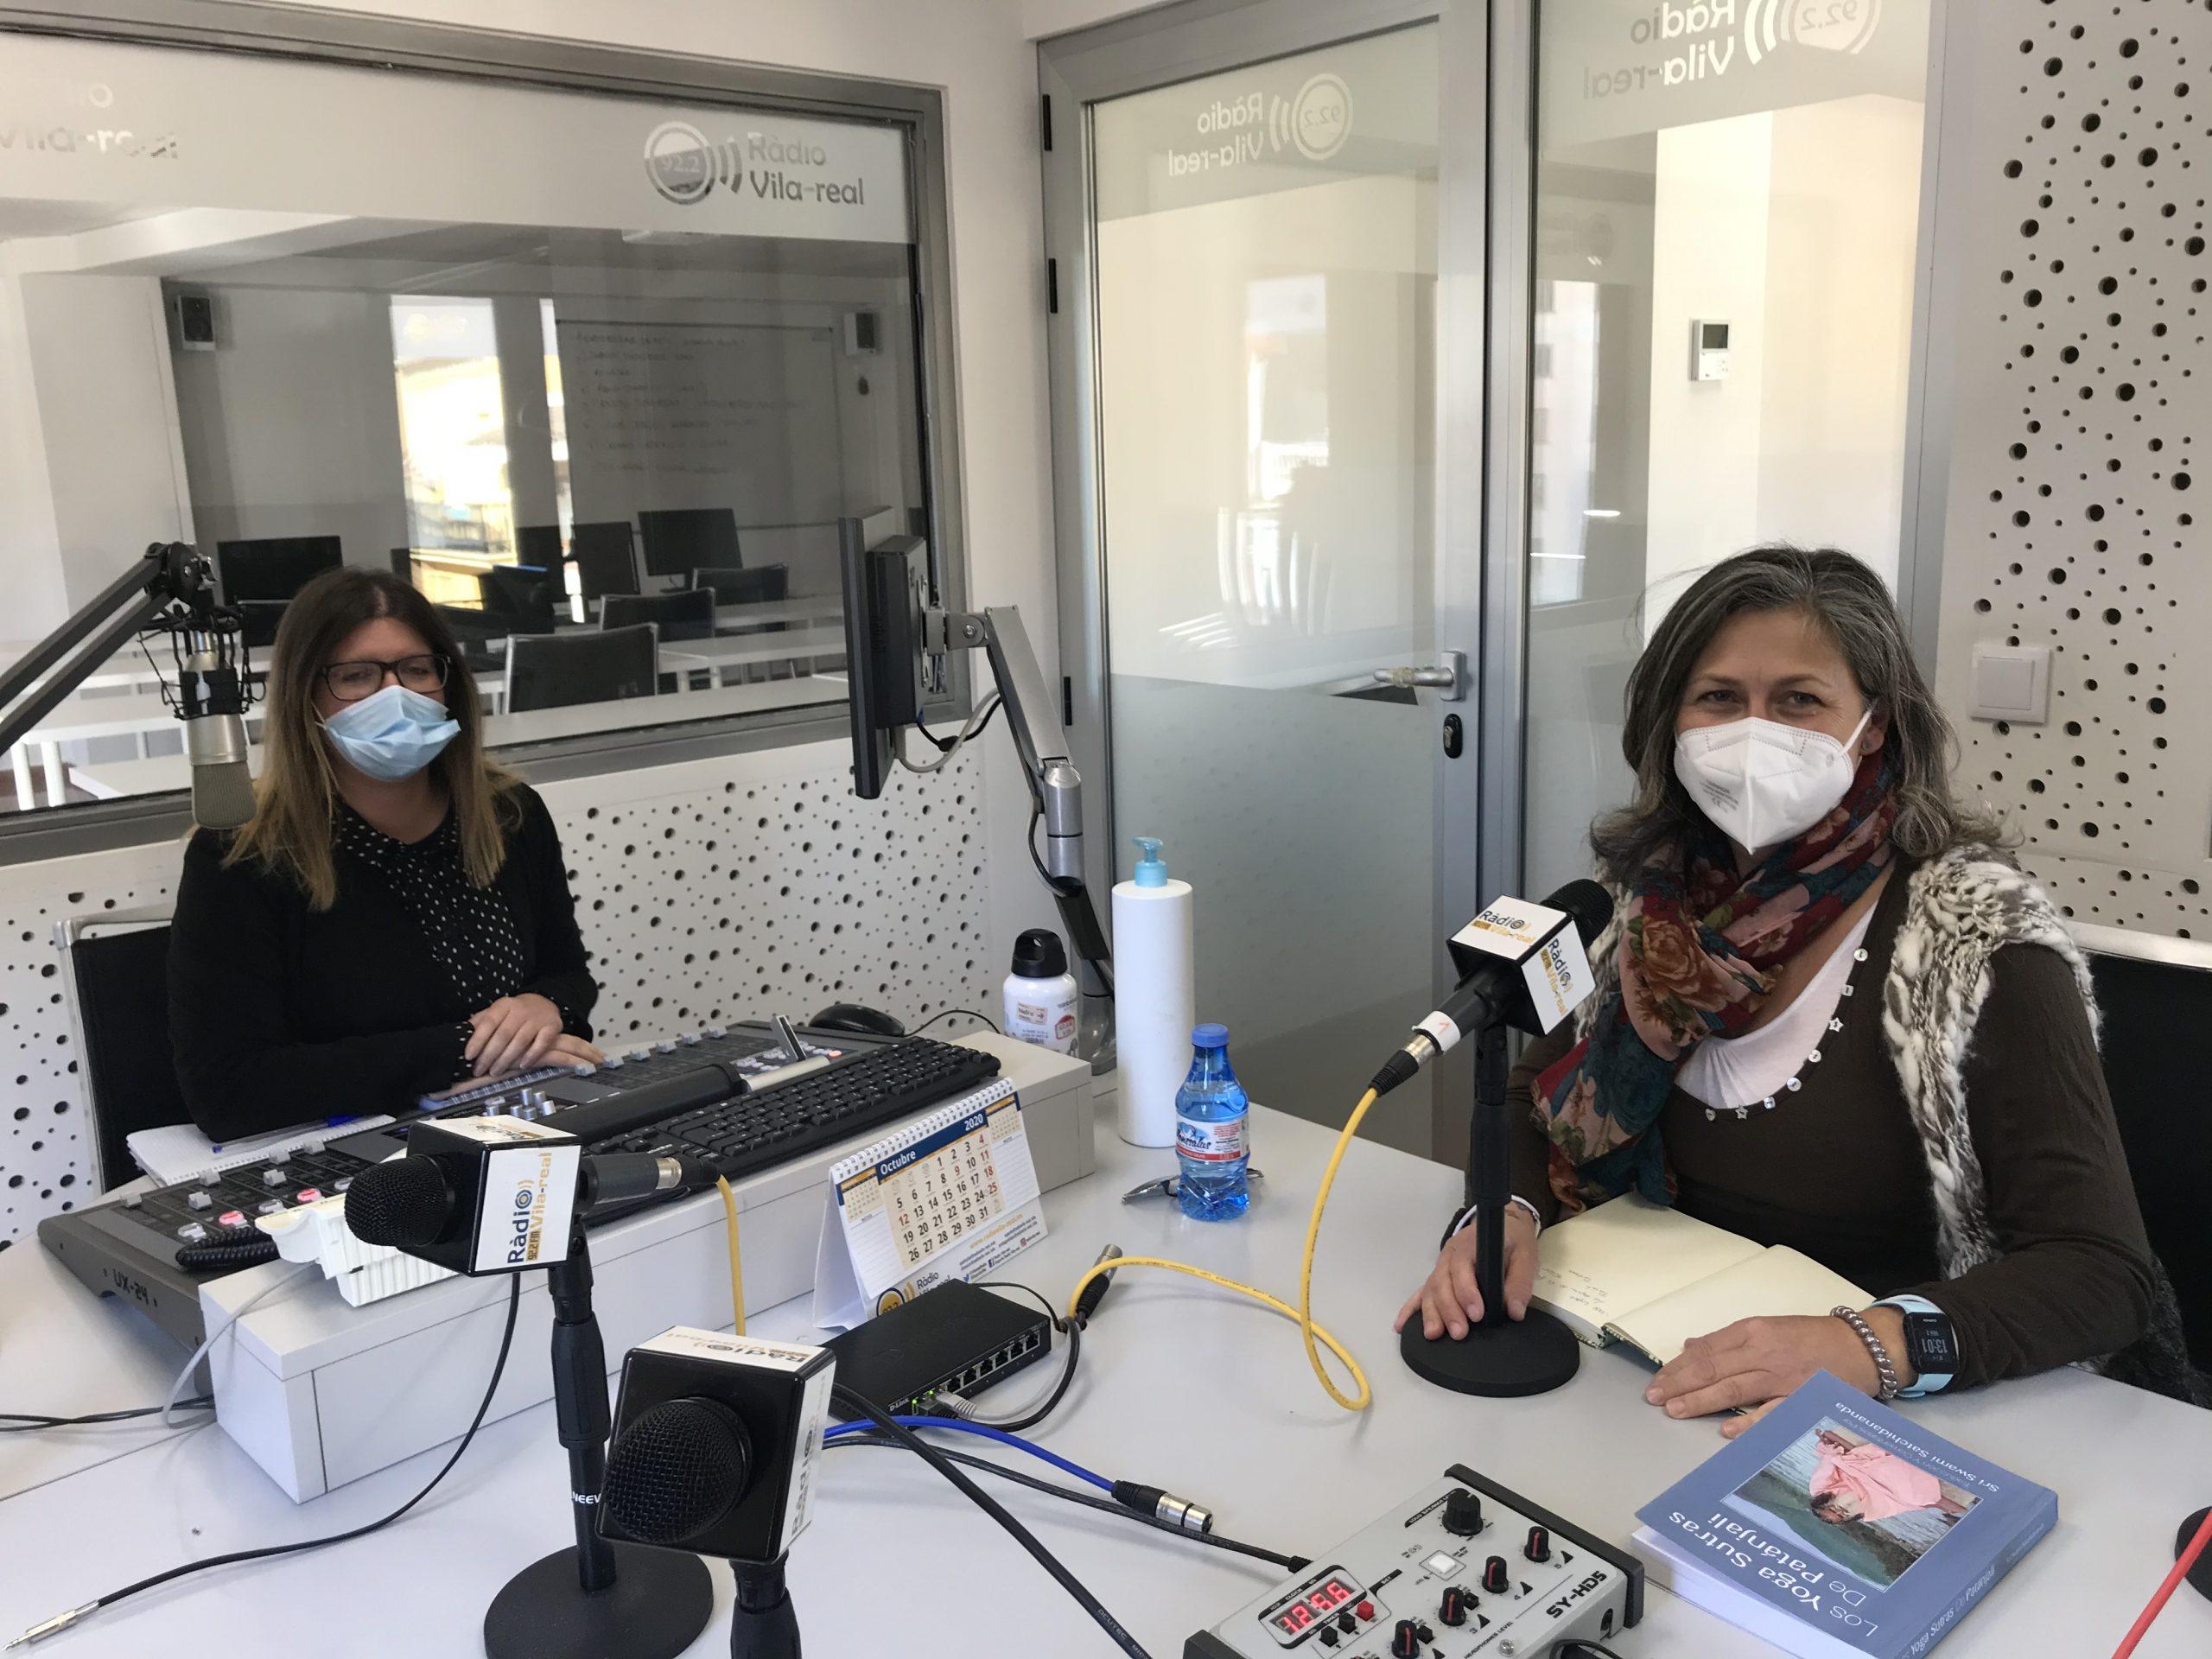 Aprende a gestionar tus emociones con Pilar Aleixandre: soltar y confiar